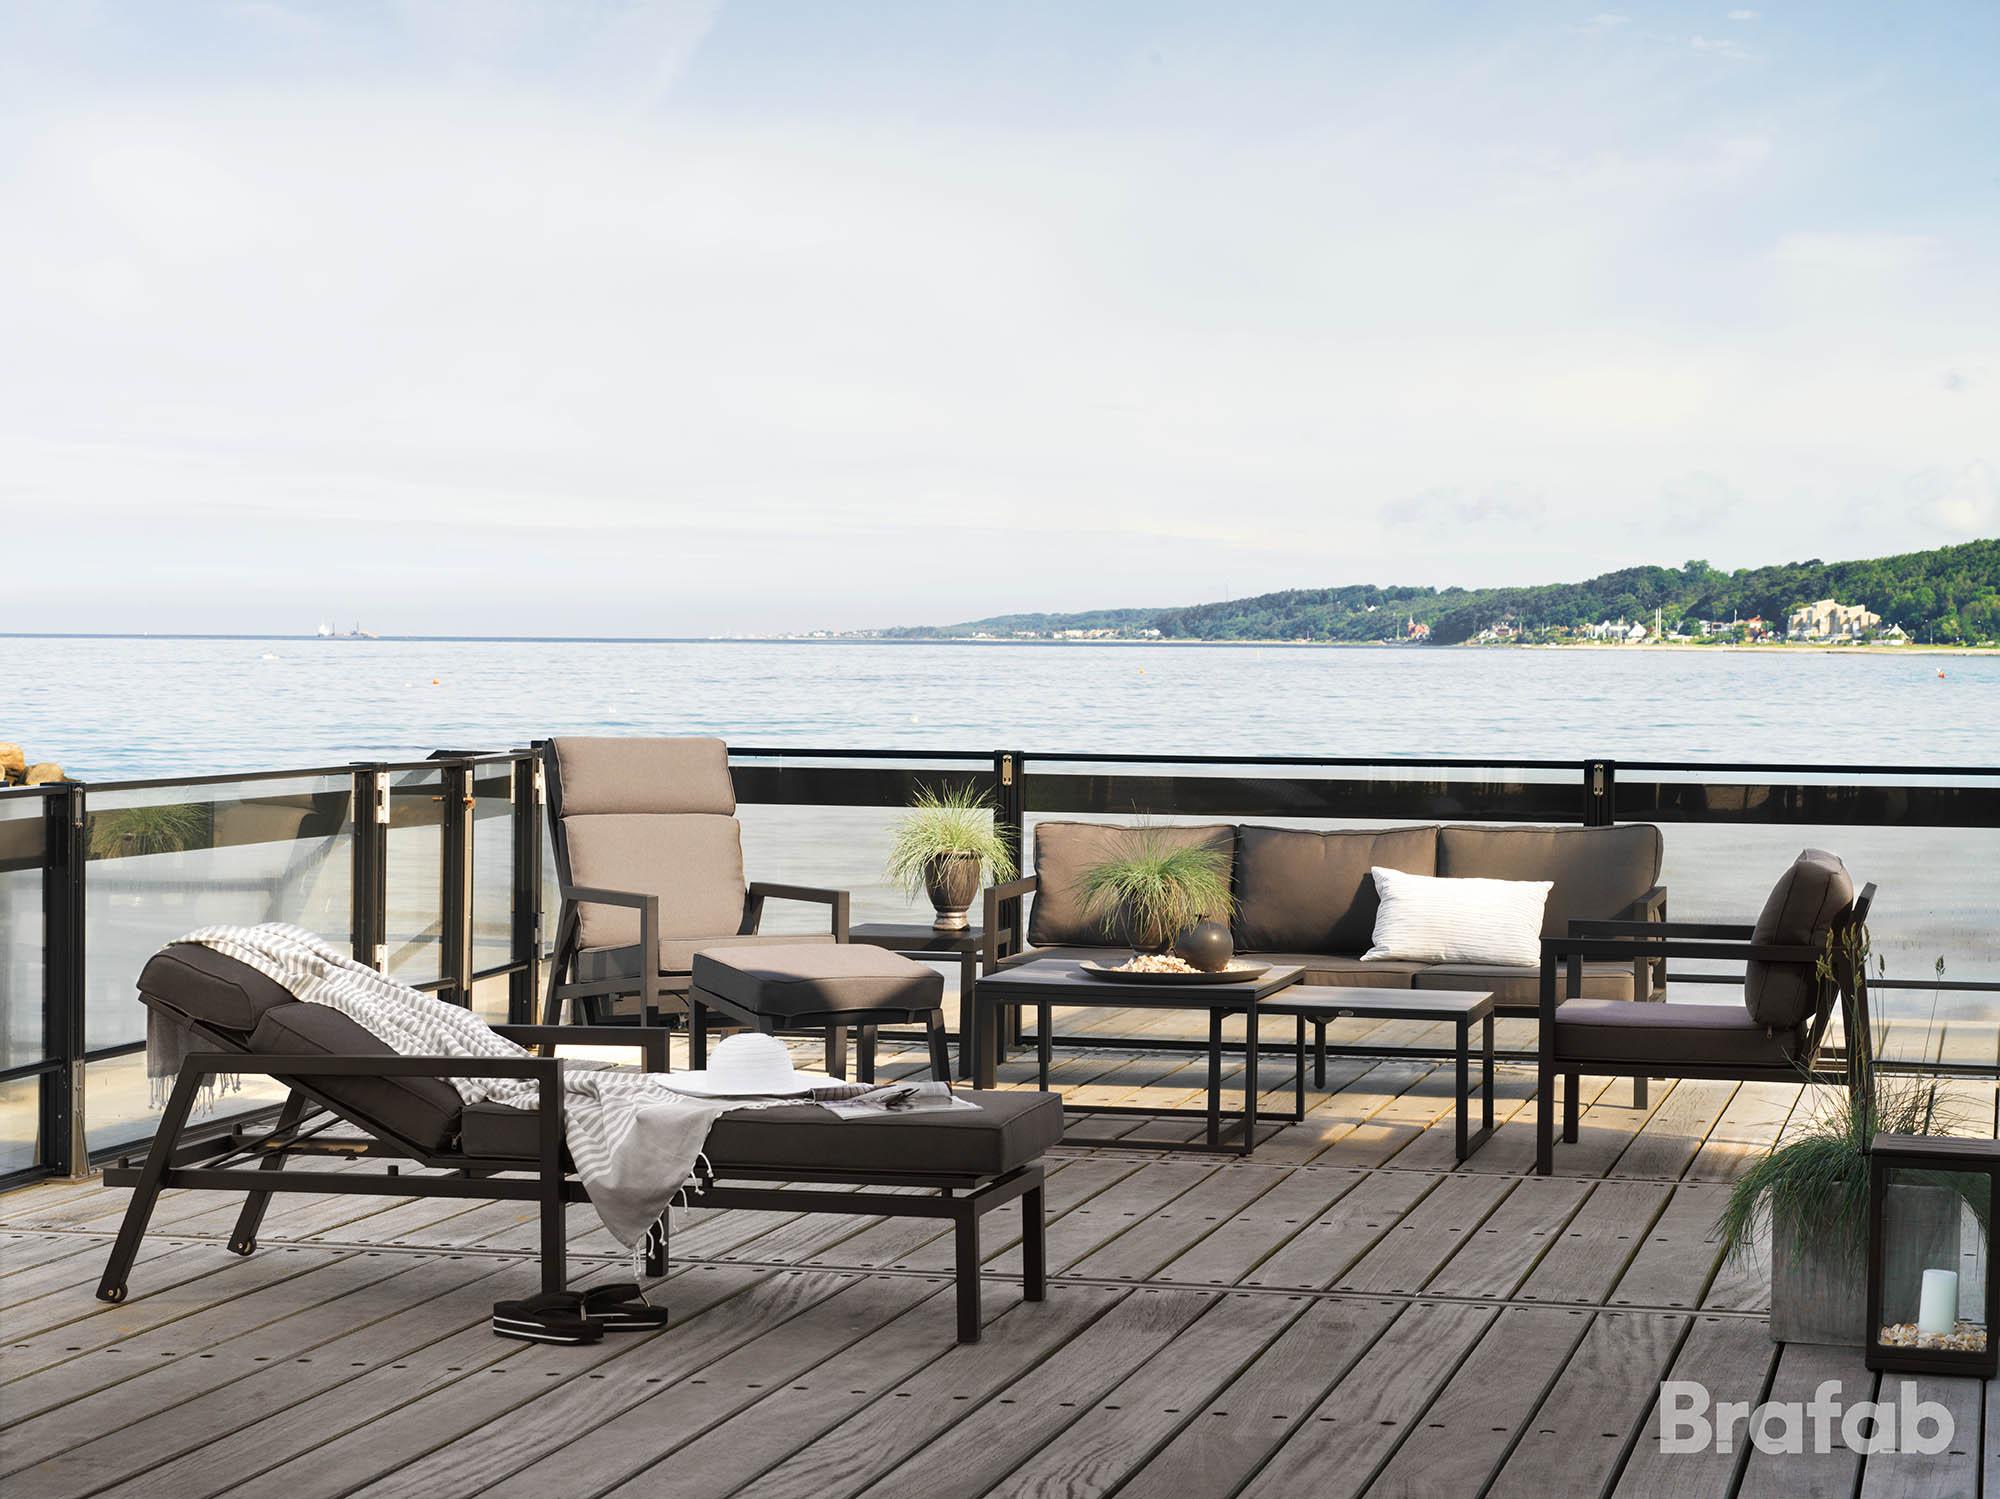 Miljöbild på Belfort loungeserie i svart från Brafab.